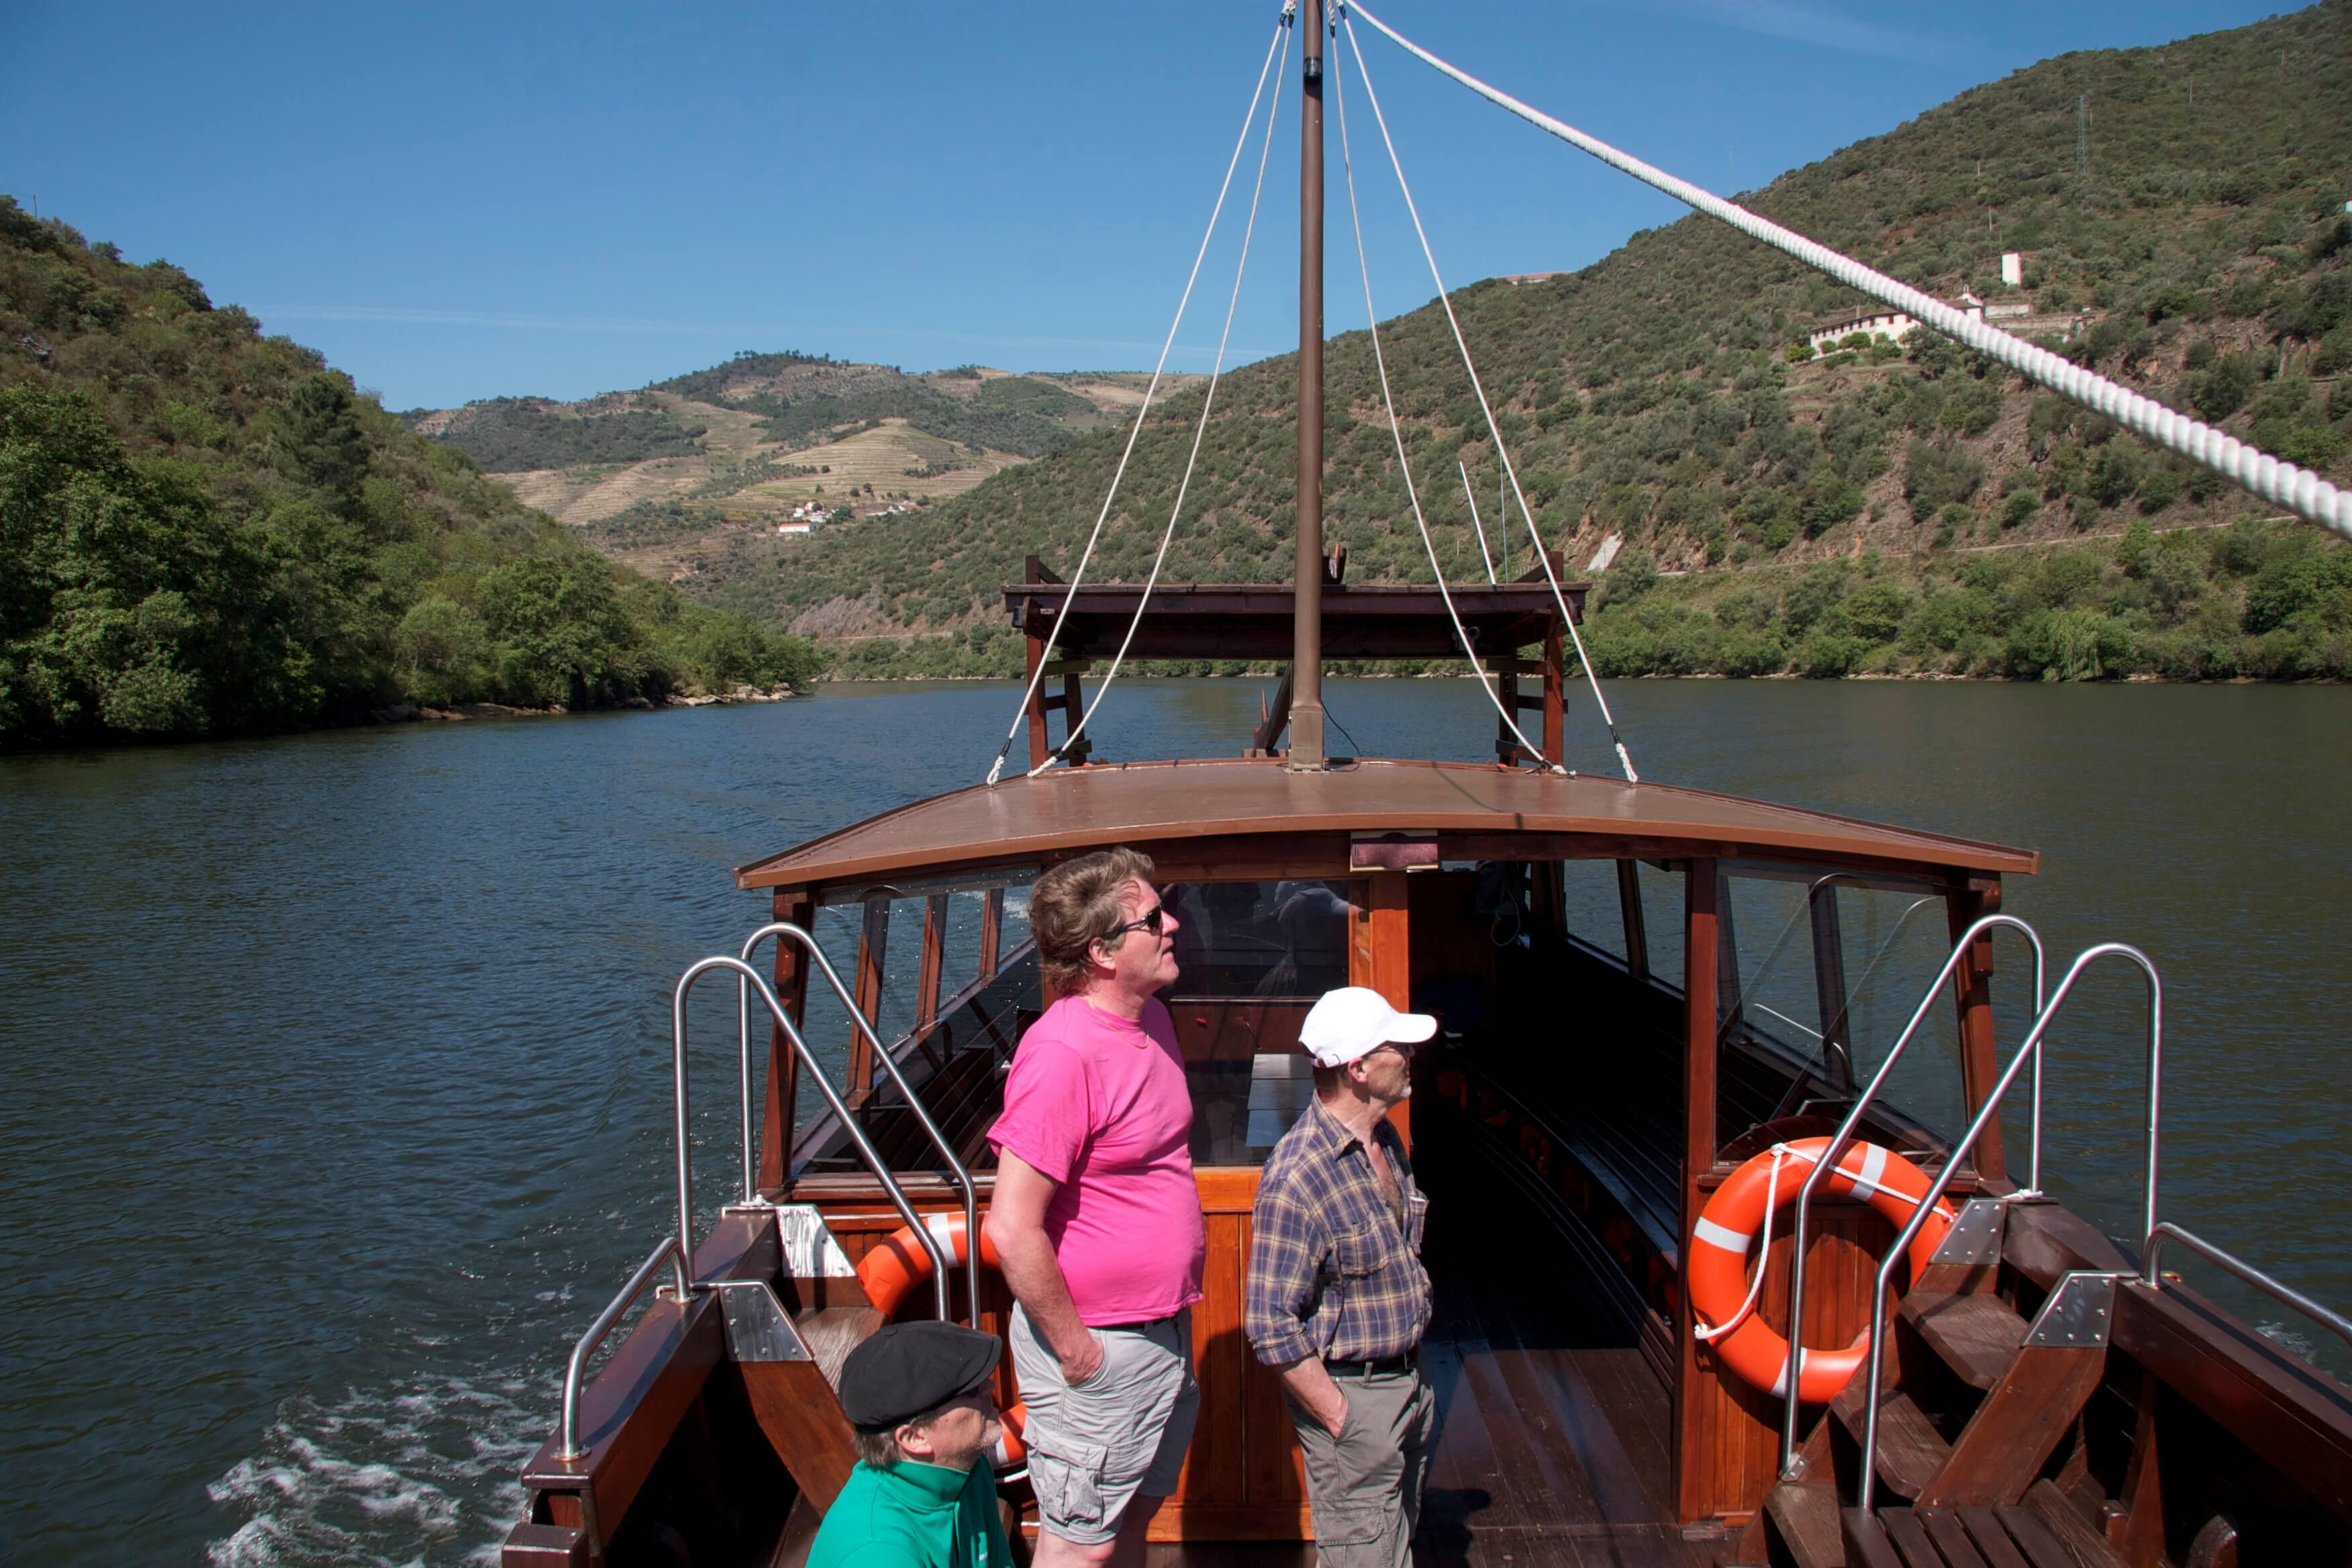 Der Reiseführer beschreibt auch eine Fahrt auf dem Douro Fluss